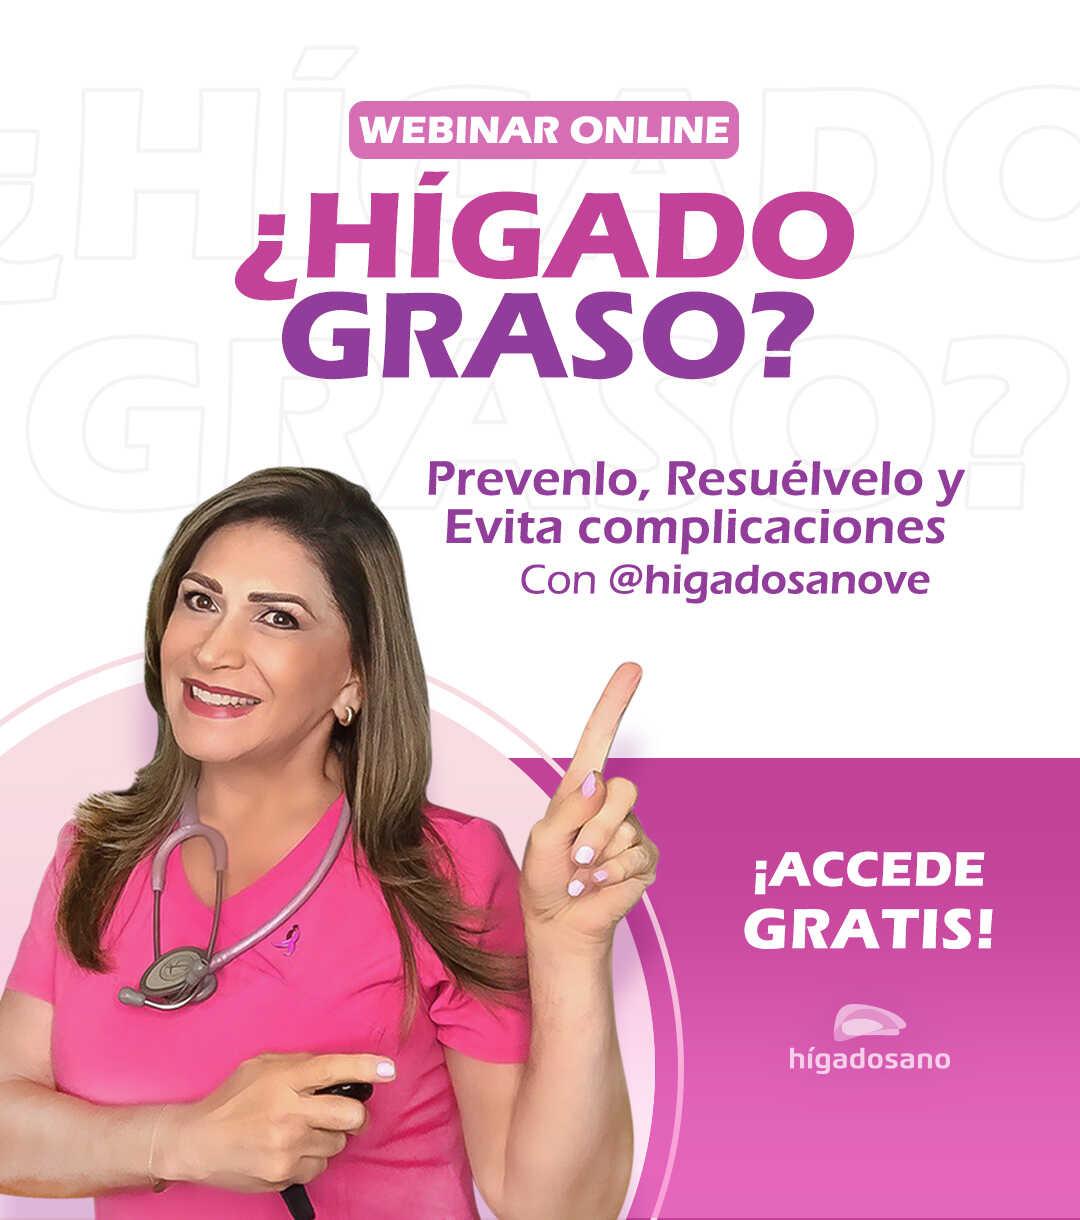 Hígado Graso Webinar Gratuito con la Dra. Maribel Lizarzábal